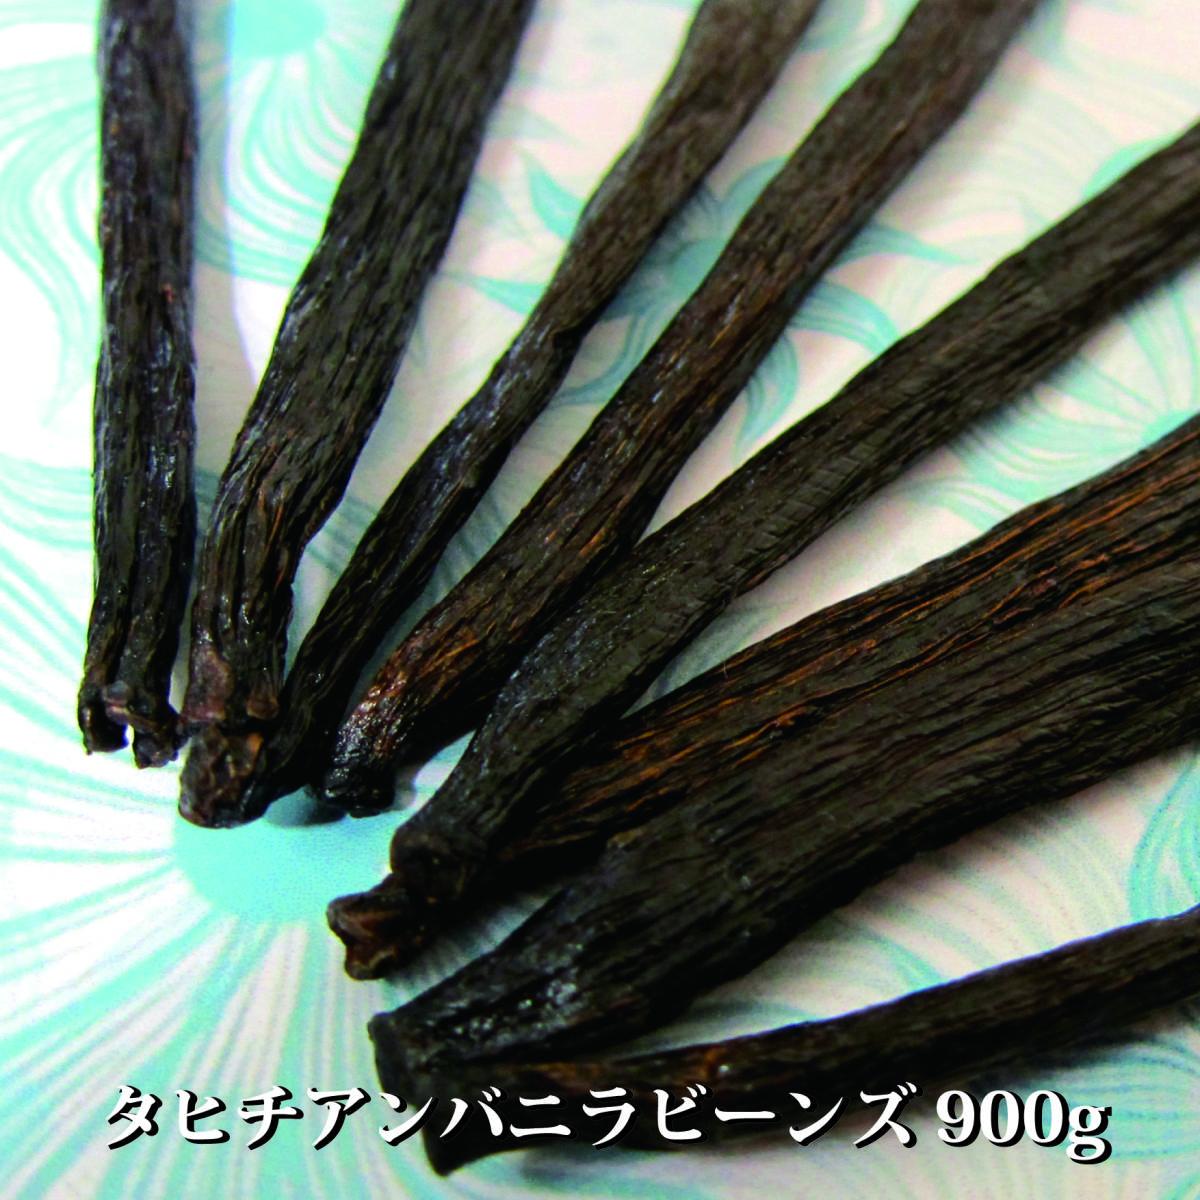 【お買い得パック!高級バニラ】タヒチバニラビーンズ900g / 約230-240本_画像4